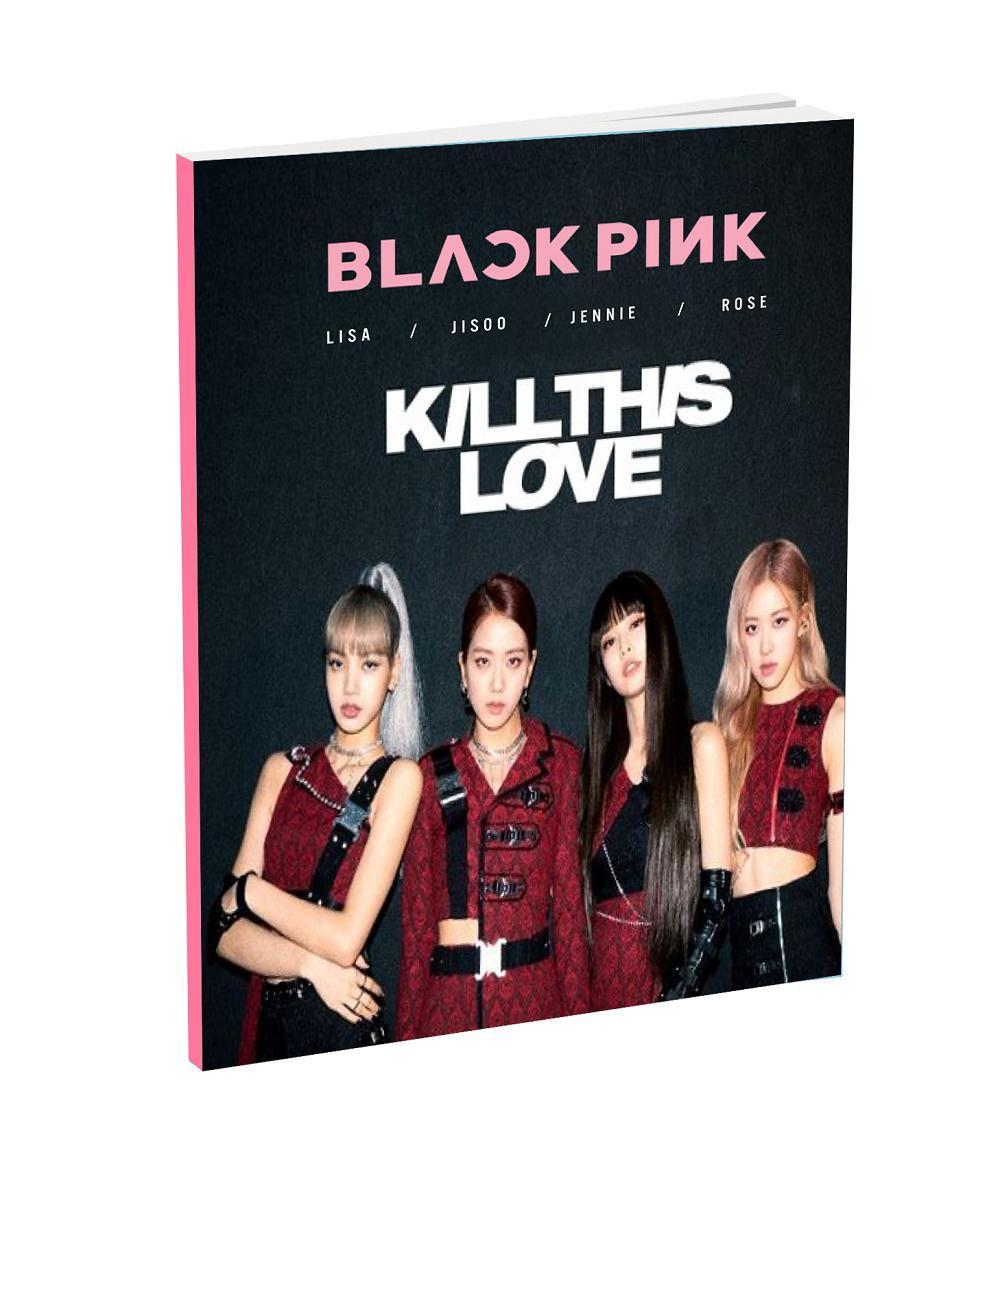 Mua Allbum ảnh Blackpink Kill This Love Ảnh Kèm Lời bài Hát Loại Nhỏ